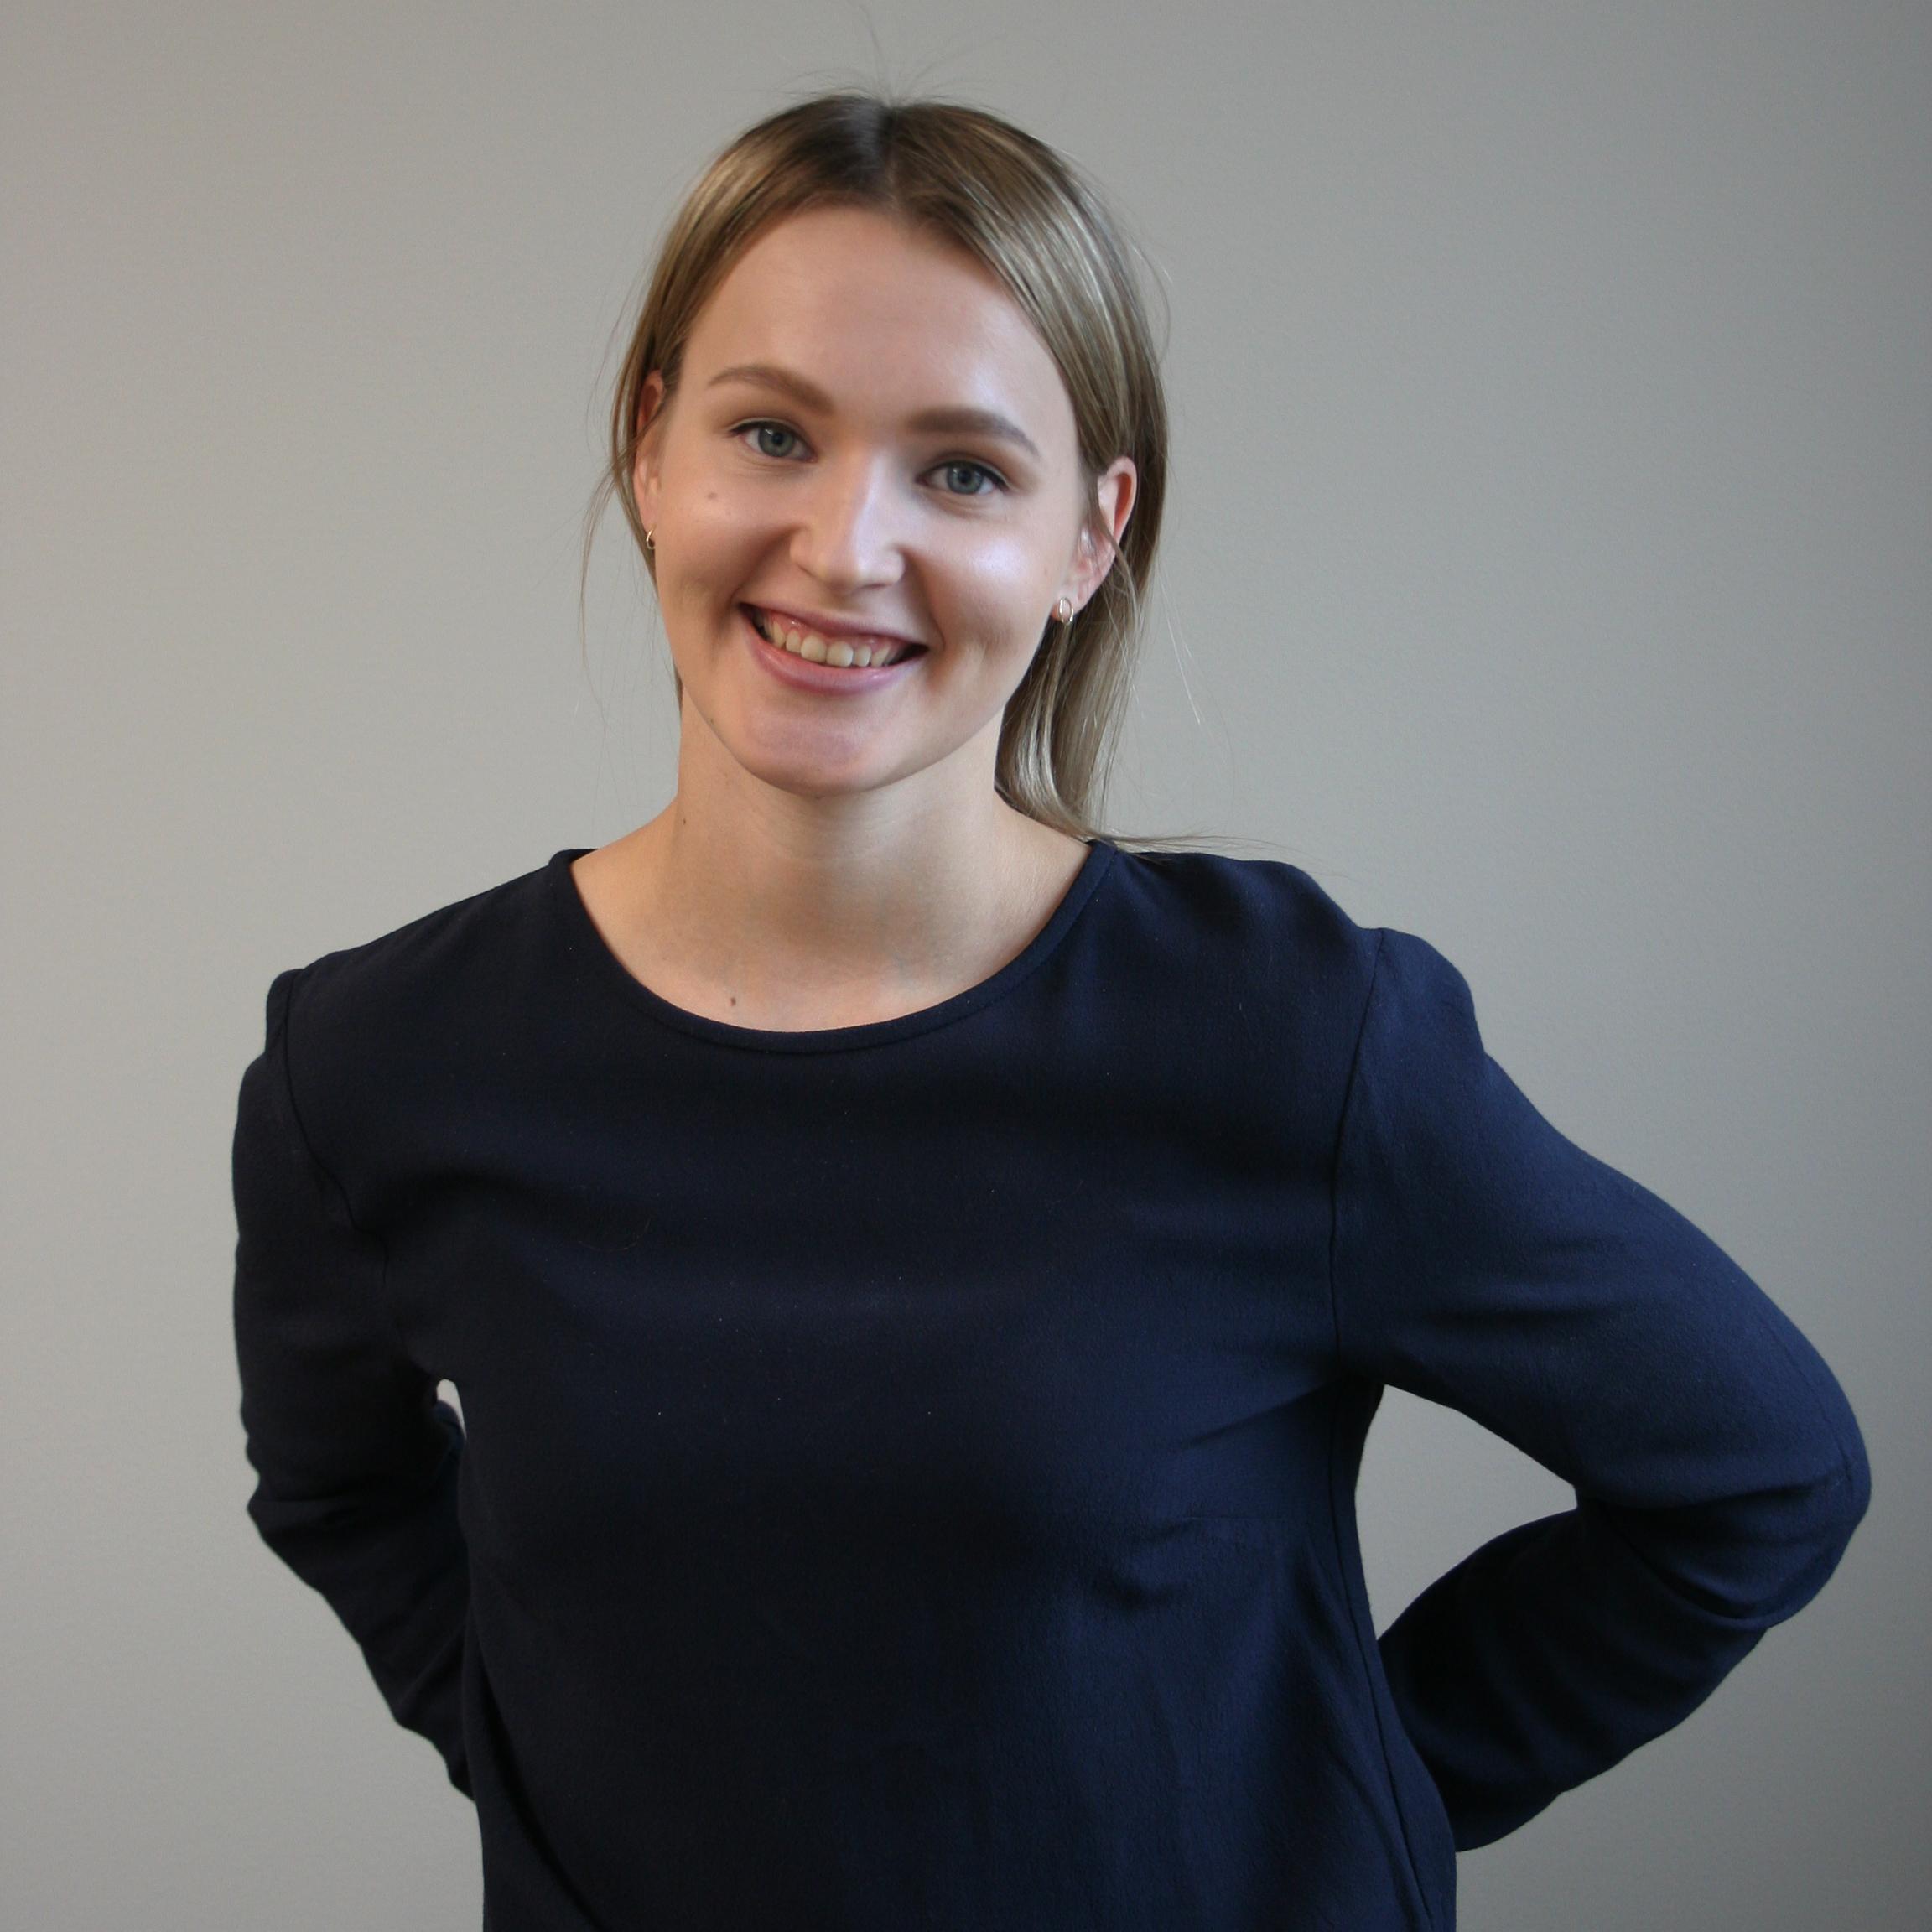 Picture of Vilma-Riina Koppanen